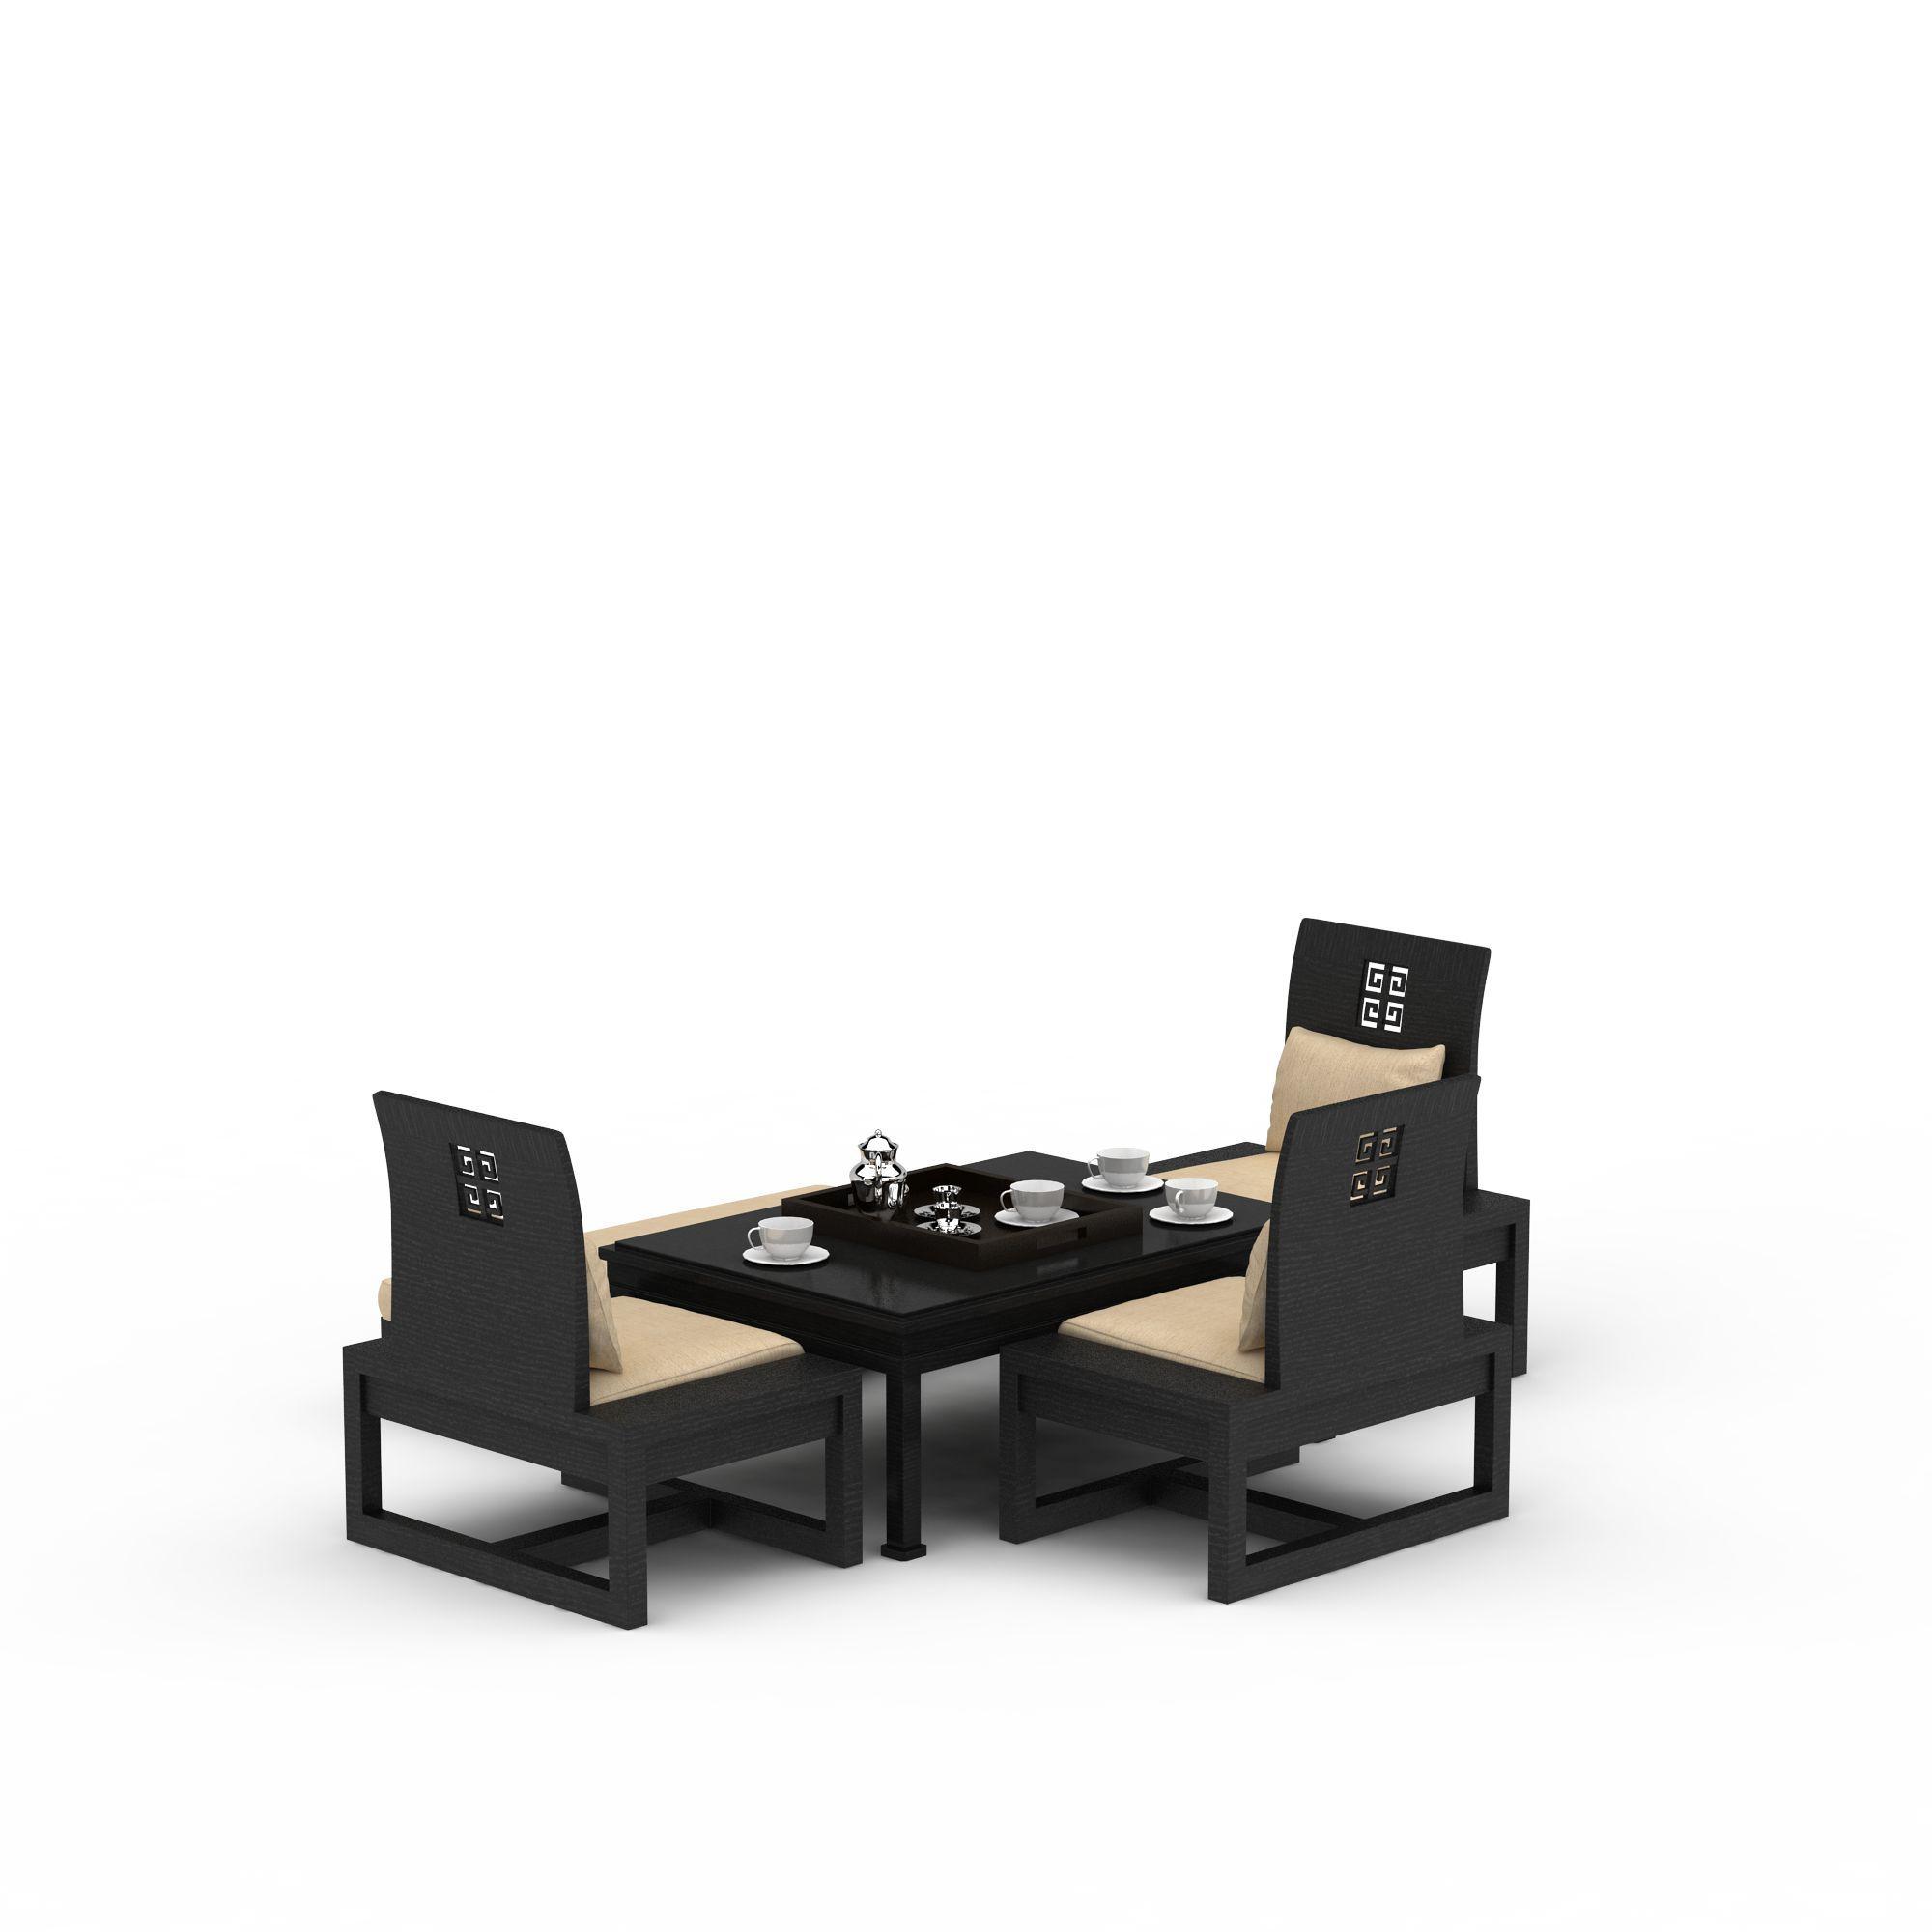 新中式沙发茶几组合高清图下载图片